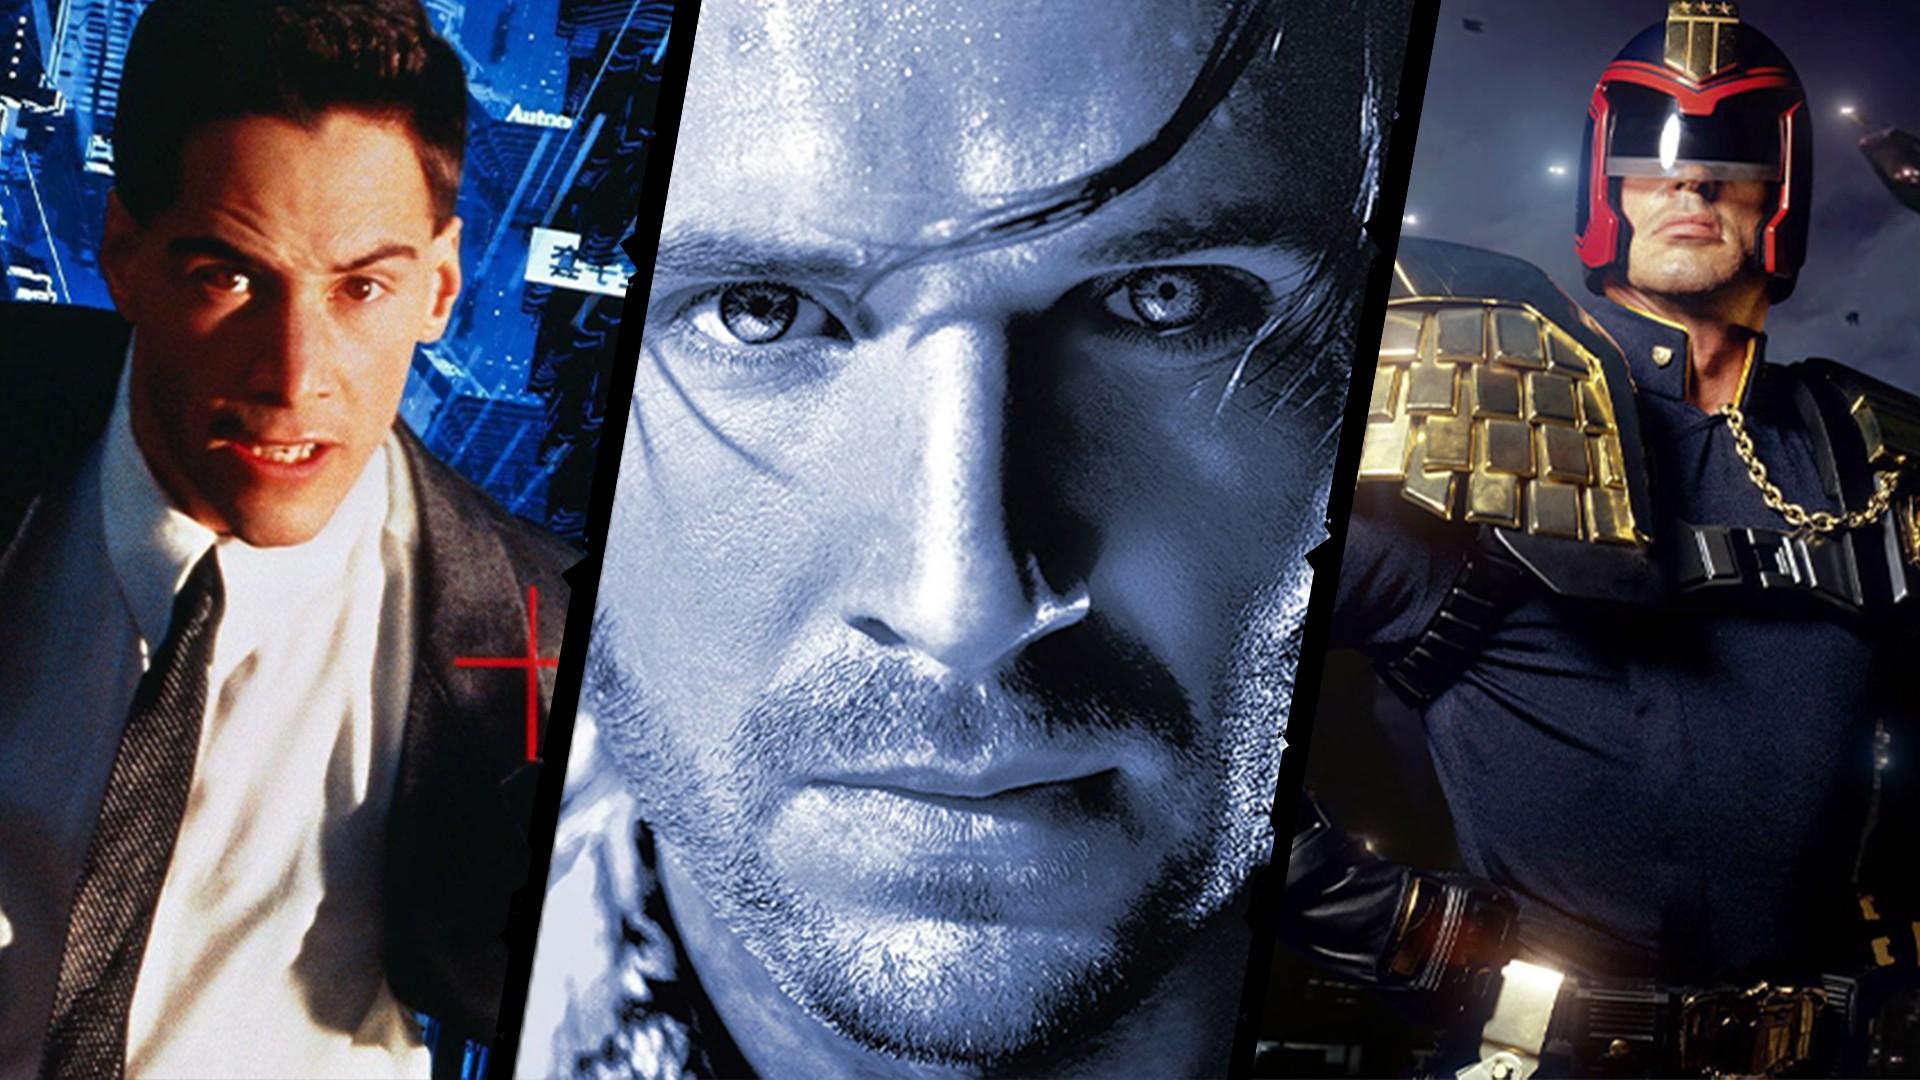 Cyberpunk 2077, dieci film e serie TV che hanno ispirato il gioco di ruolo